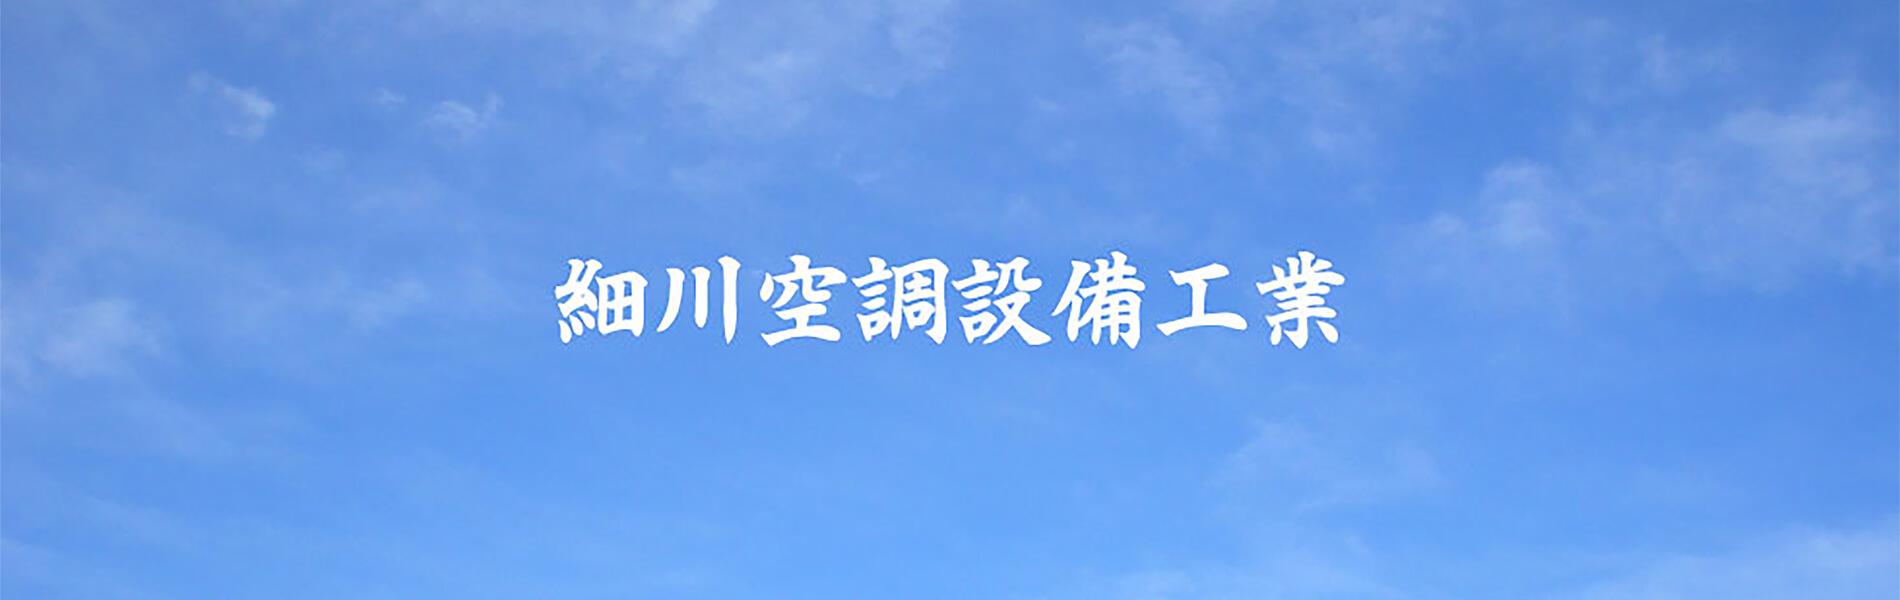 細川空調設備工業-スライド1